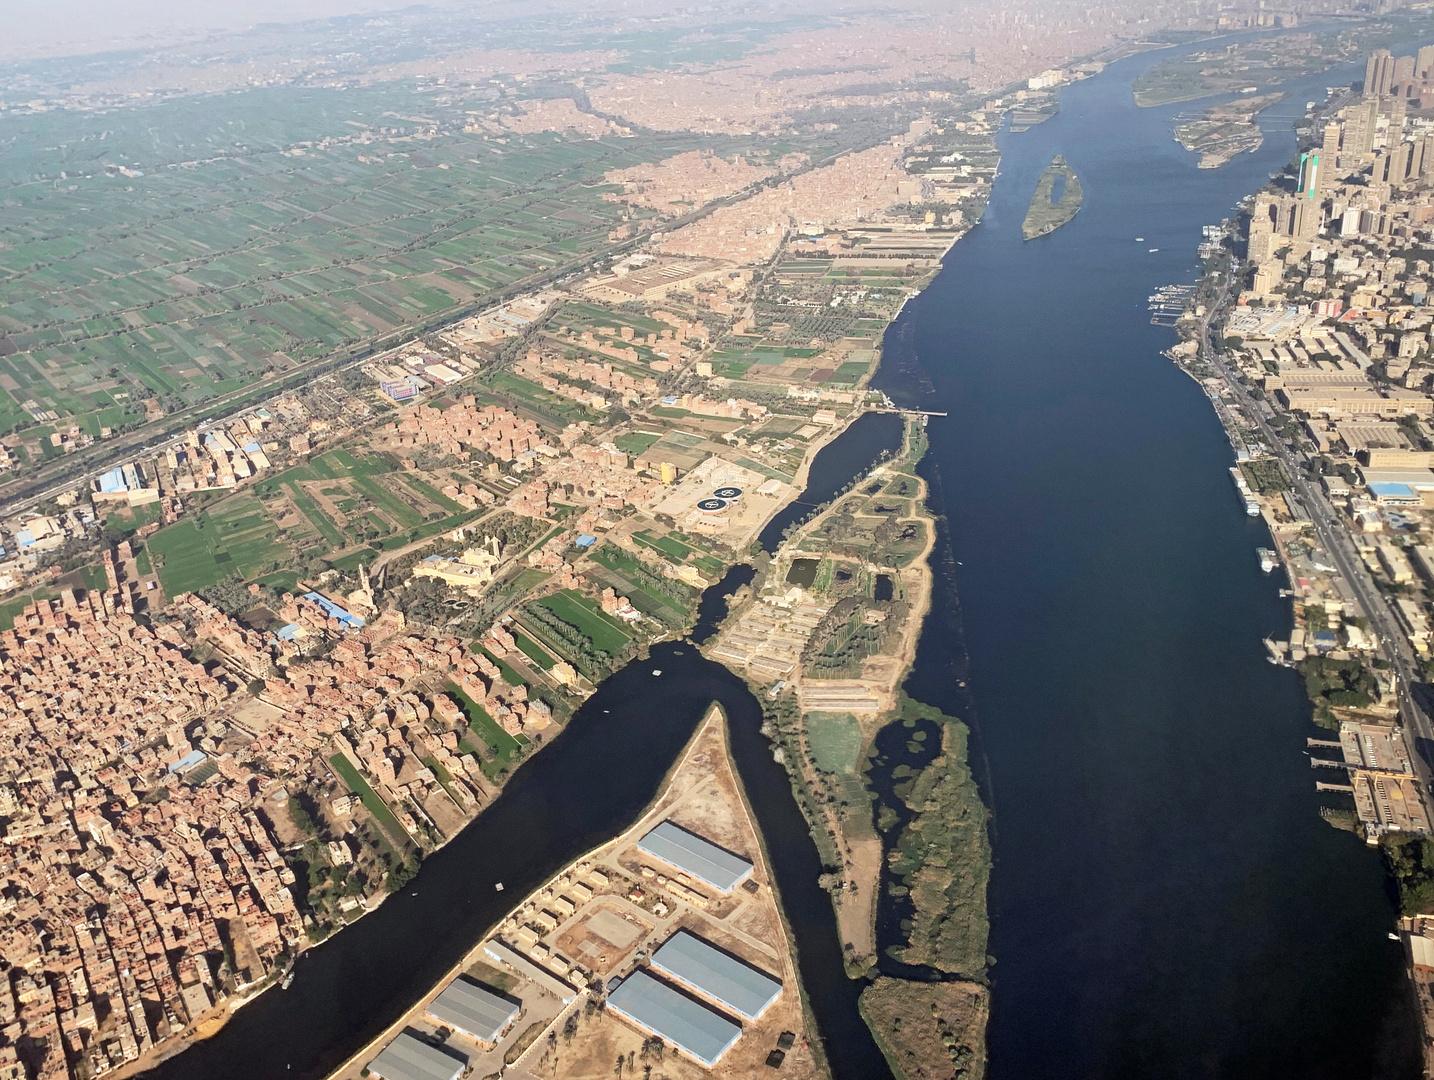 مصر تعلن رسميا عن تهديد كبير لدلتا النيل